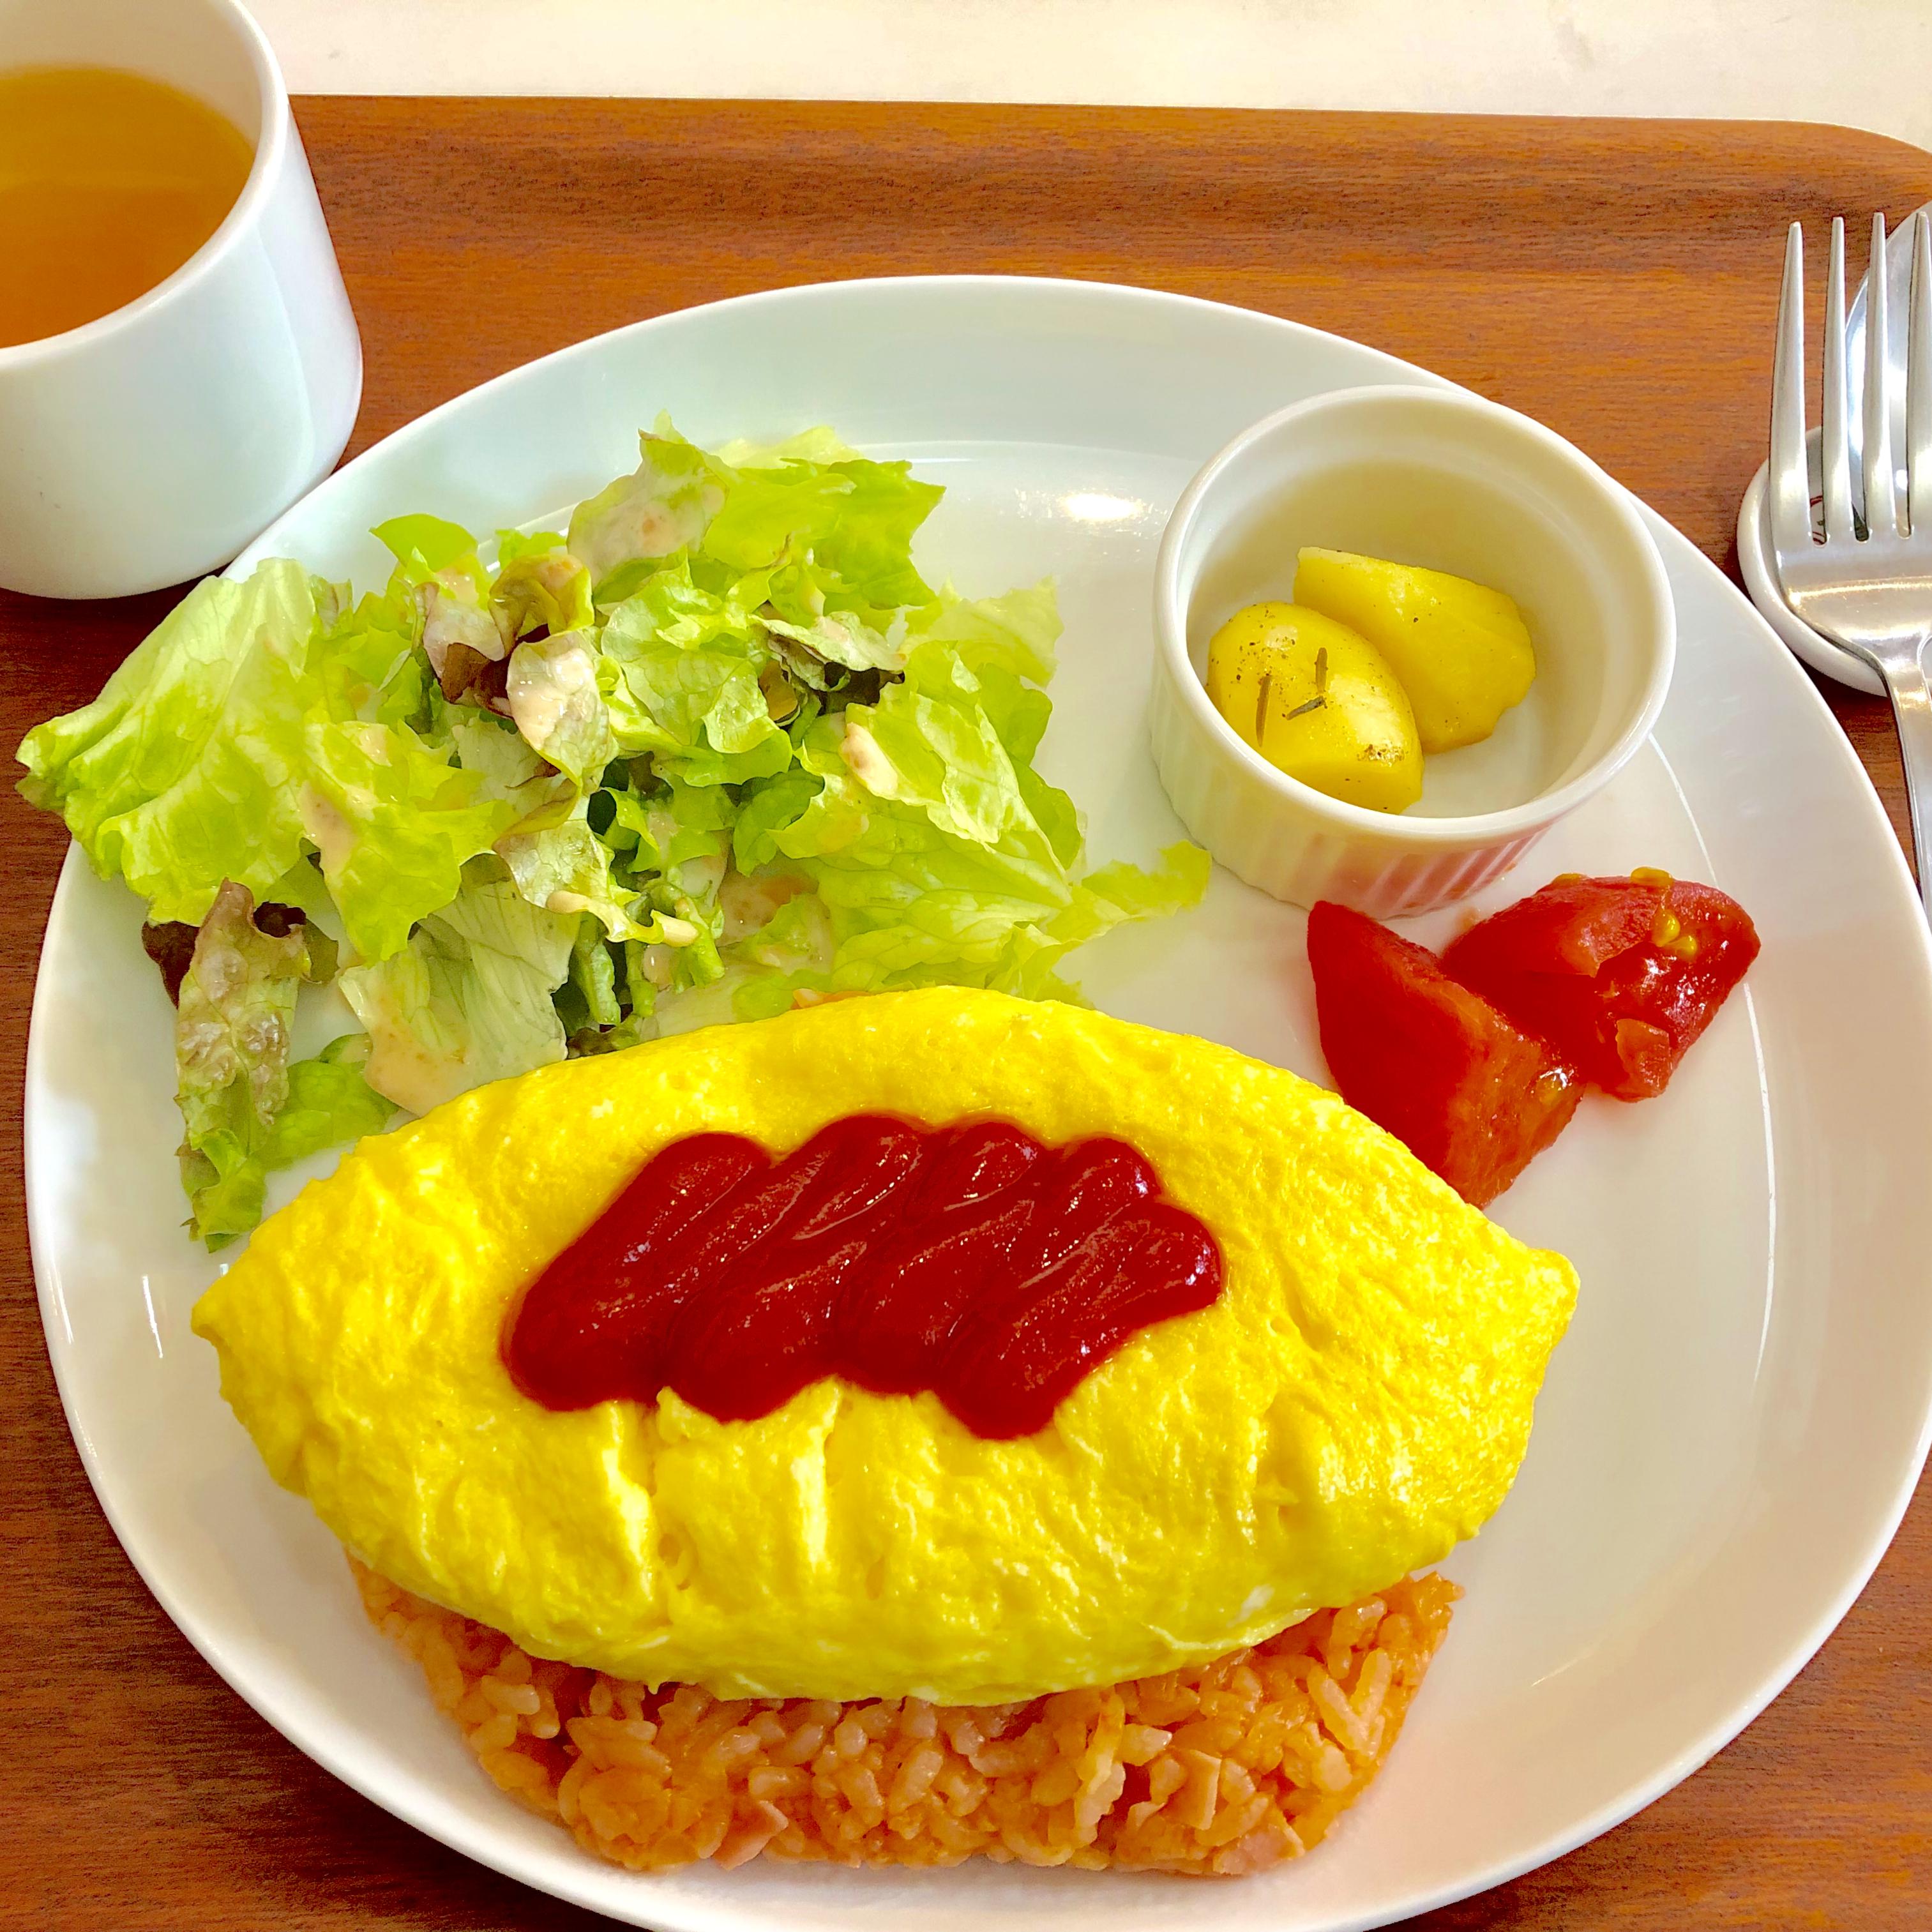 上尾・まいこカフェ|オムライスの美味しいアットホームなカフェ